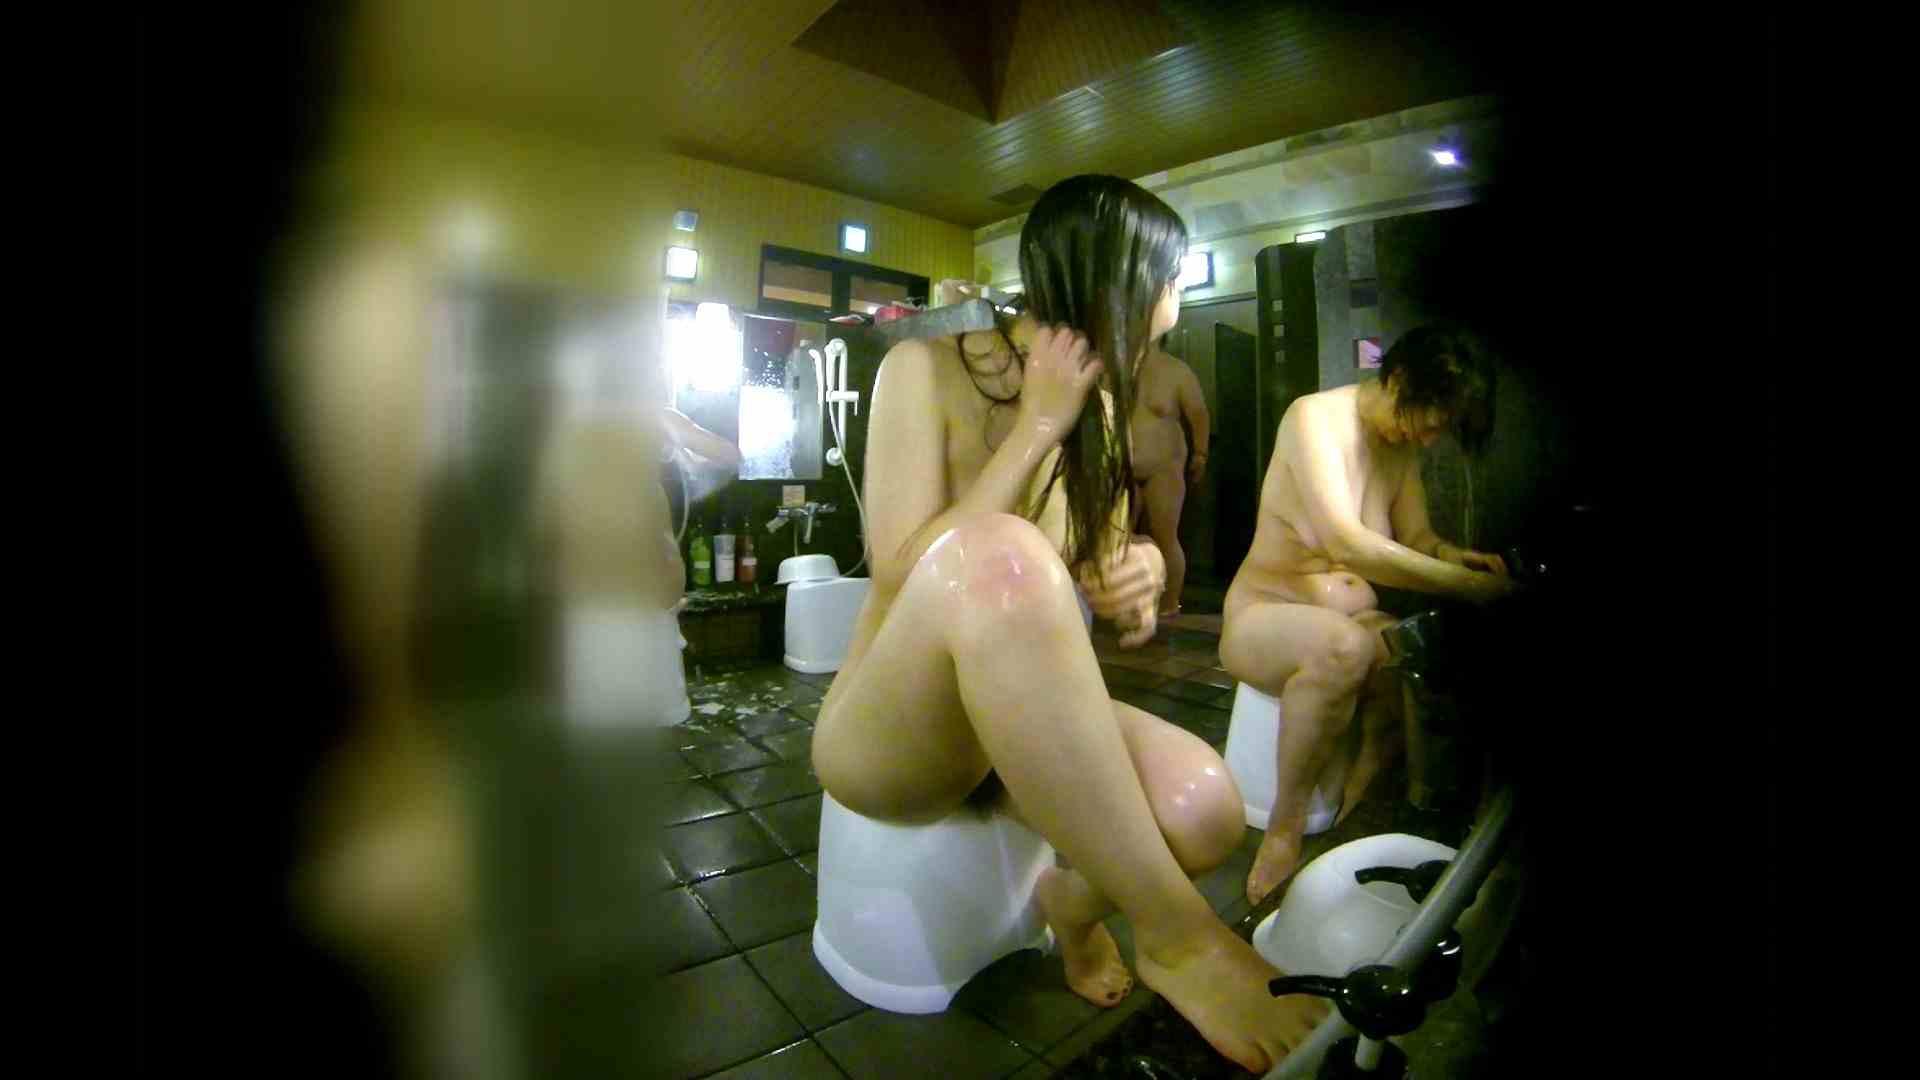 洗い場!右足の位置がいいですね。陰毛もっさり! 潜入   細身体型  107枚 29